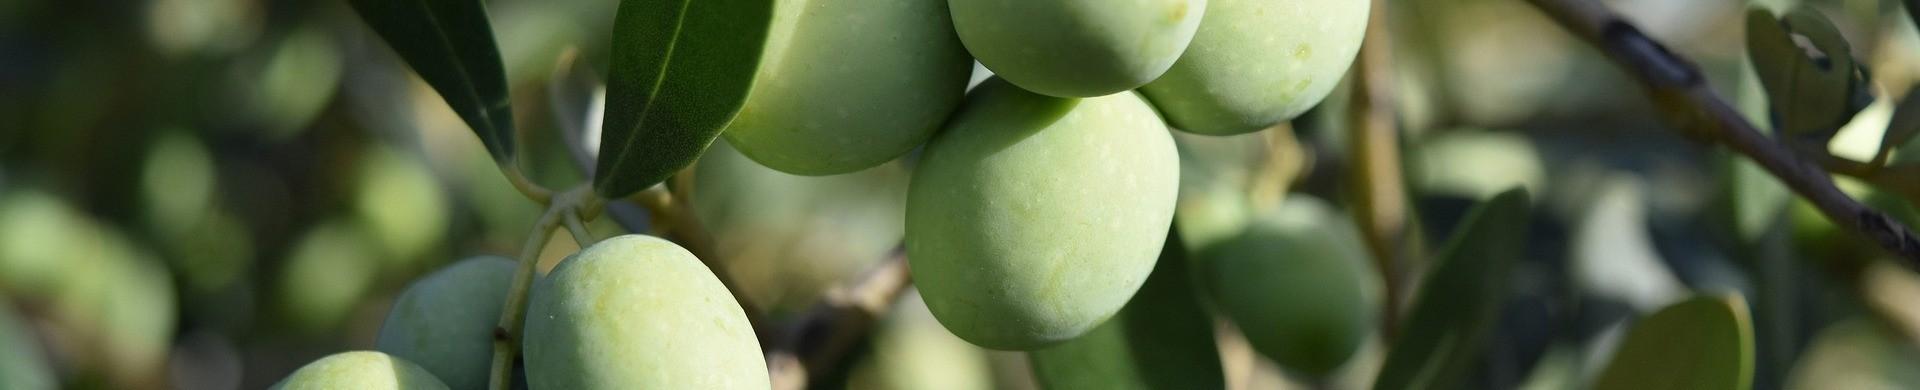 Plantones de Olivos - Comprar olivos baratos